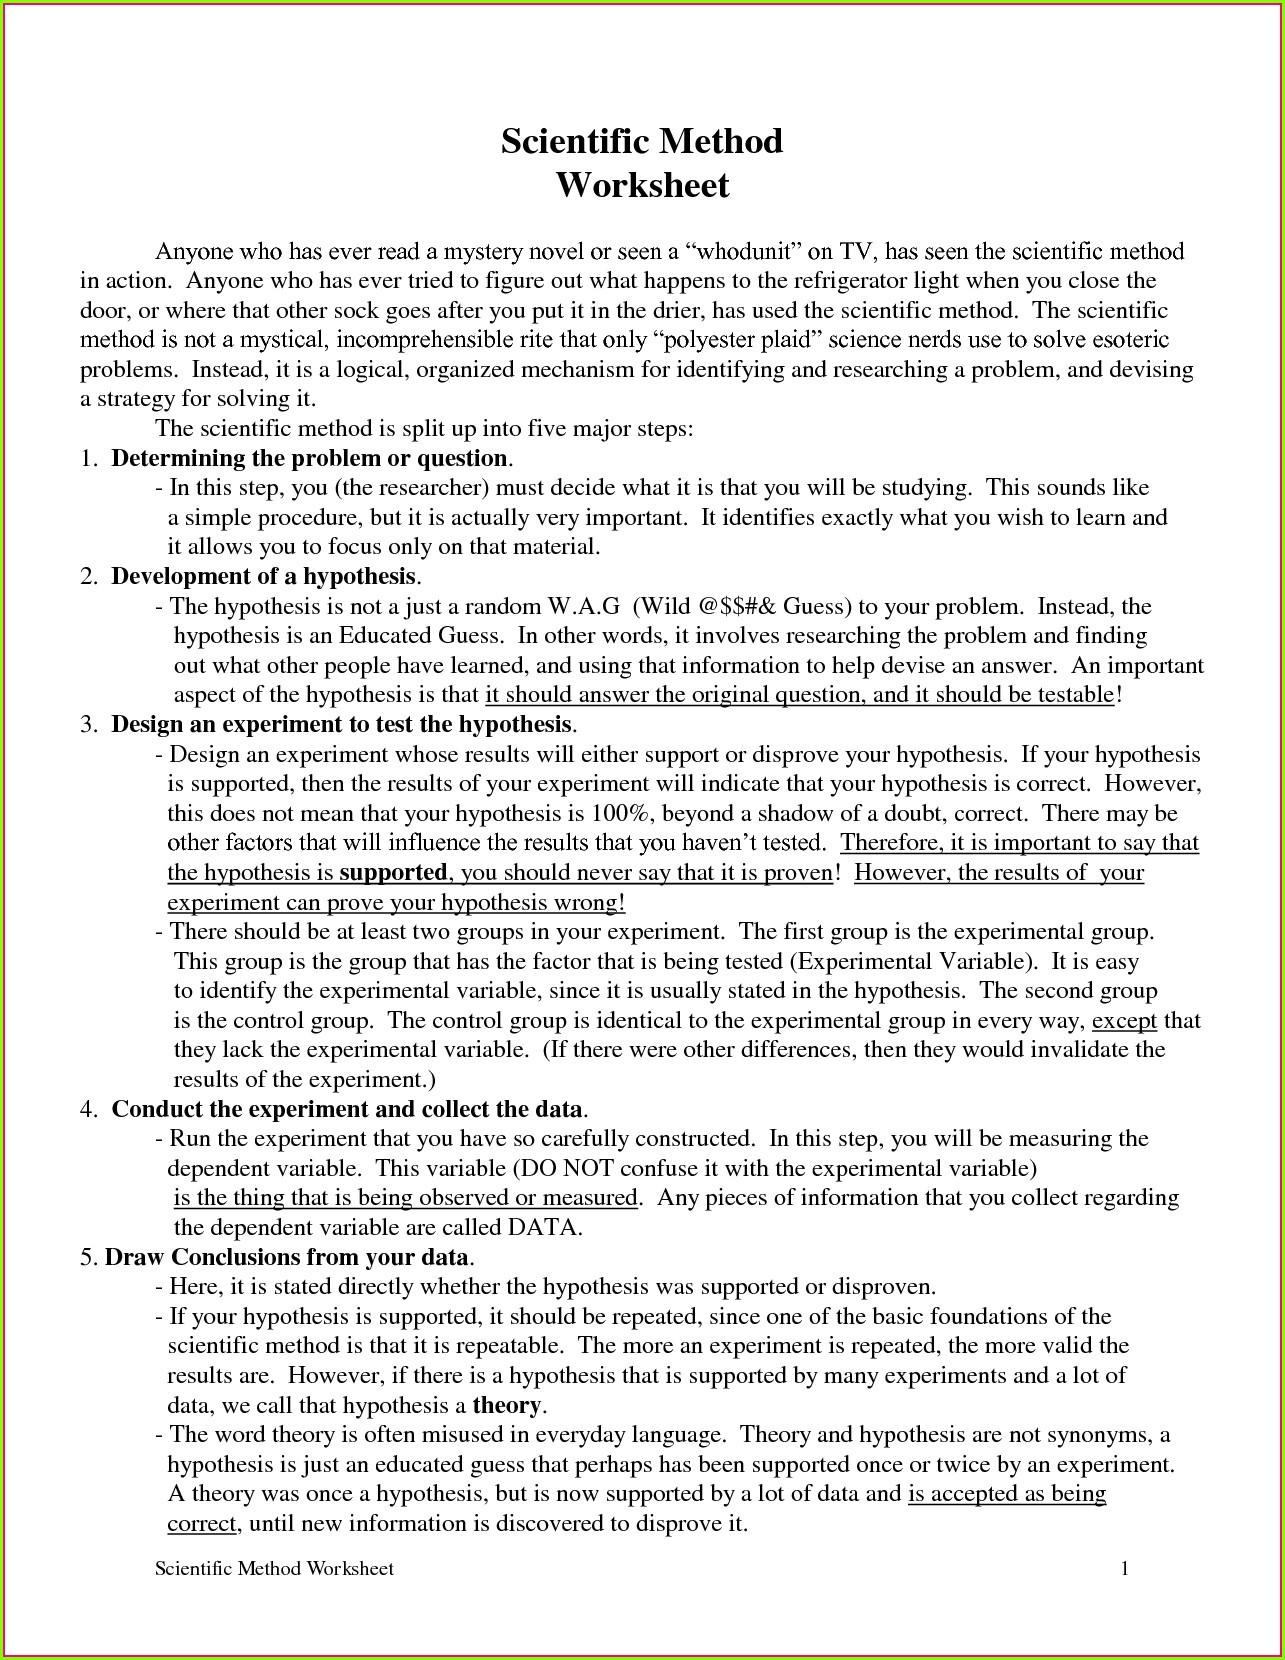 Scientific Method Worksheet High School Exploring the Scientific Method Worksheet